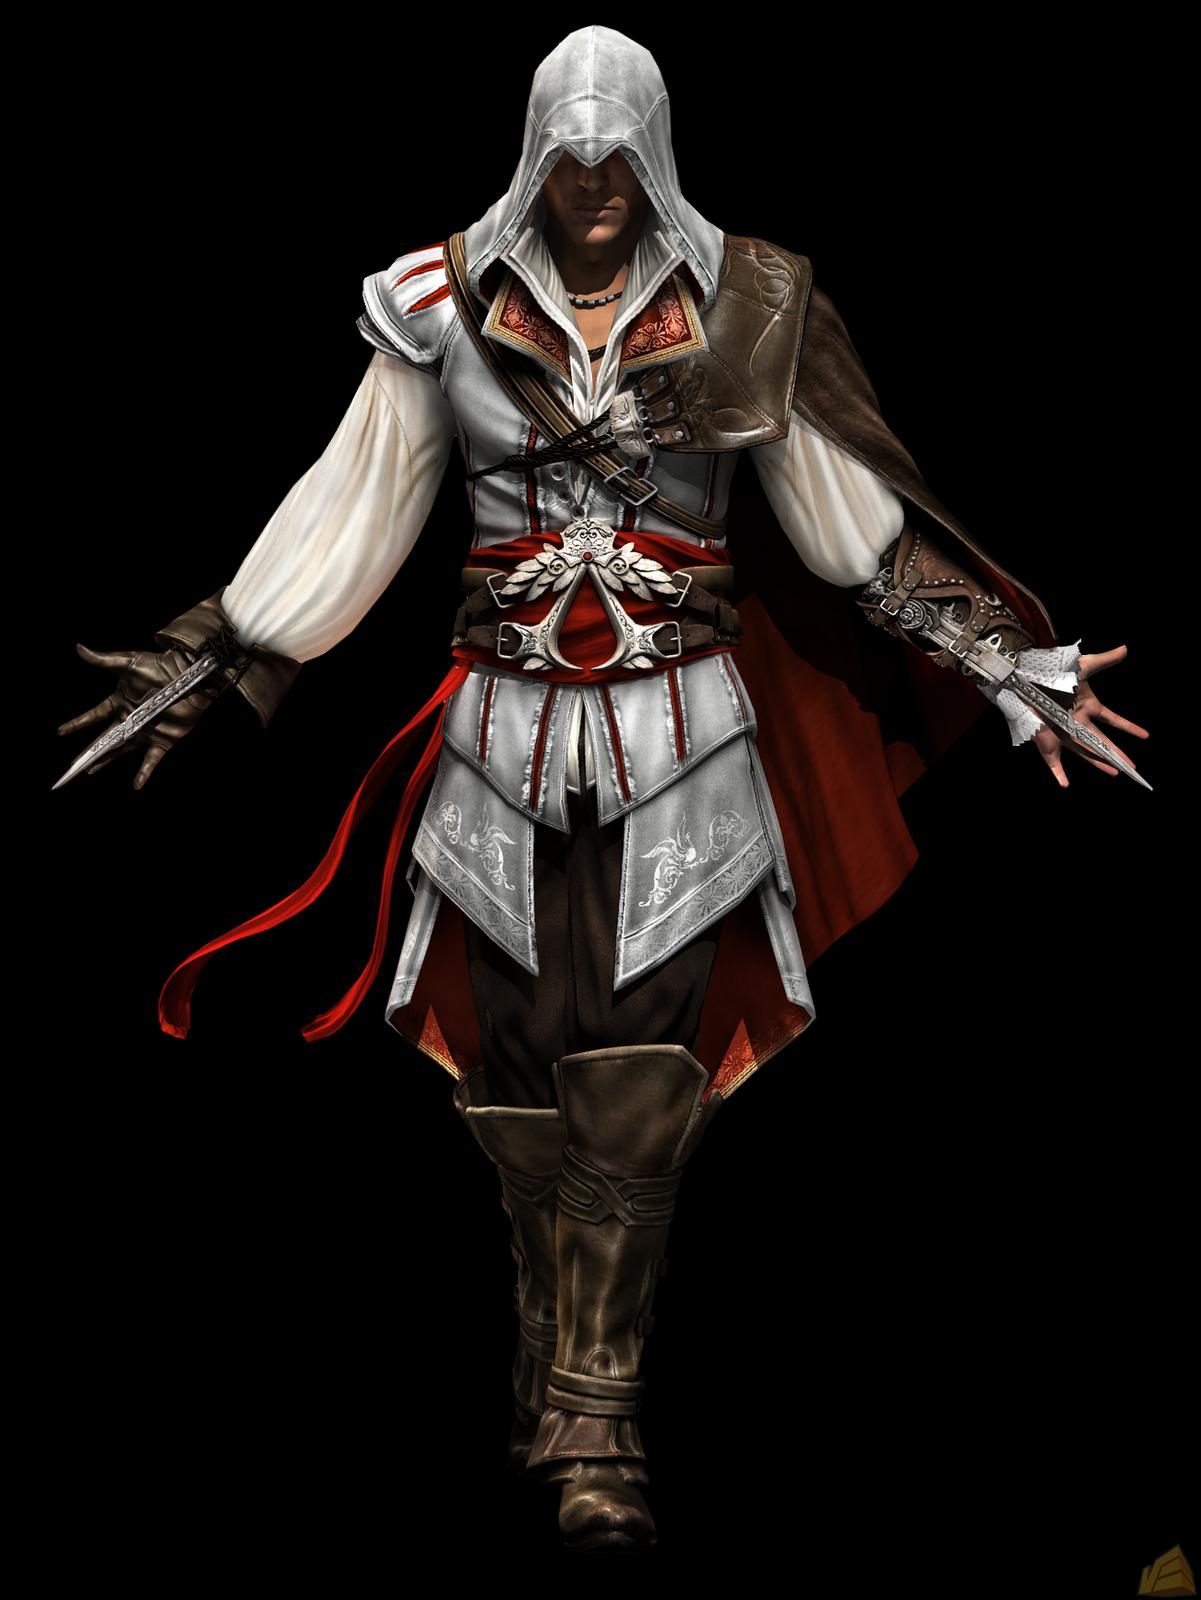 http://2.bp.blogspot.com/_JOn4qp7SpVA/TFw38w2kntI/AAAAAAAACfc/EDB5dDoklfI/s1600/47552_AssassinsCreed2-Ezio.png